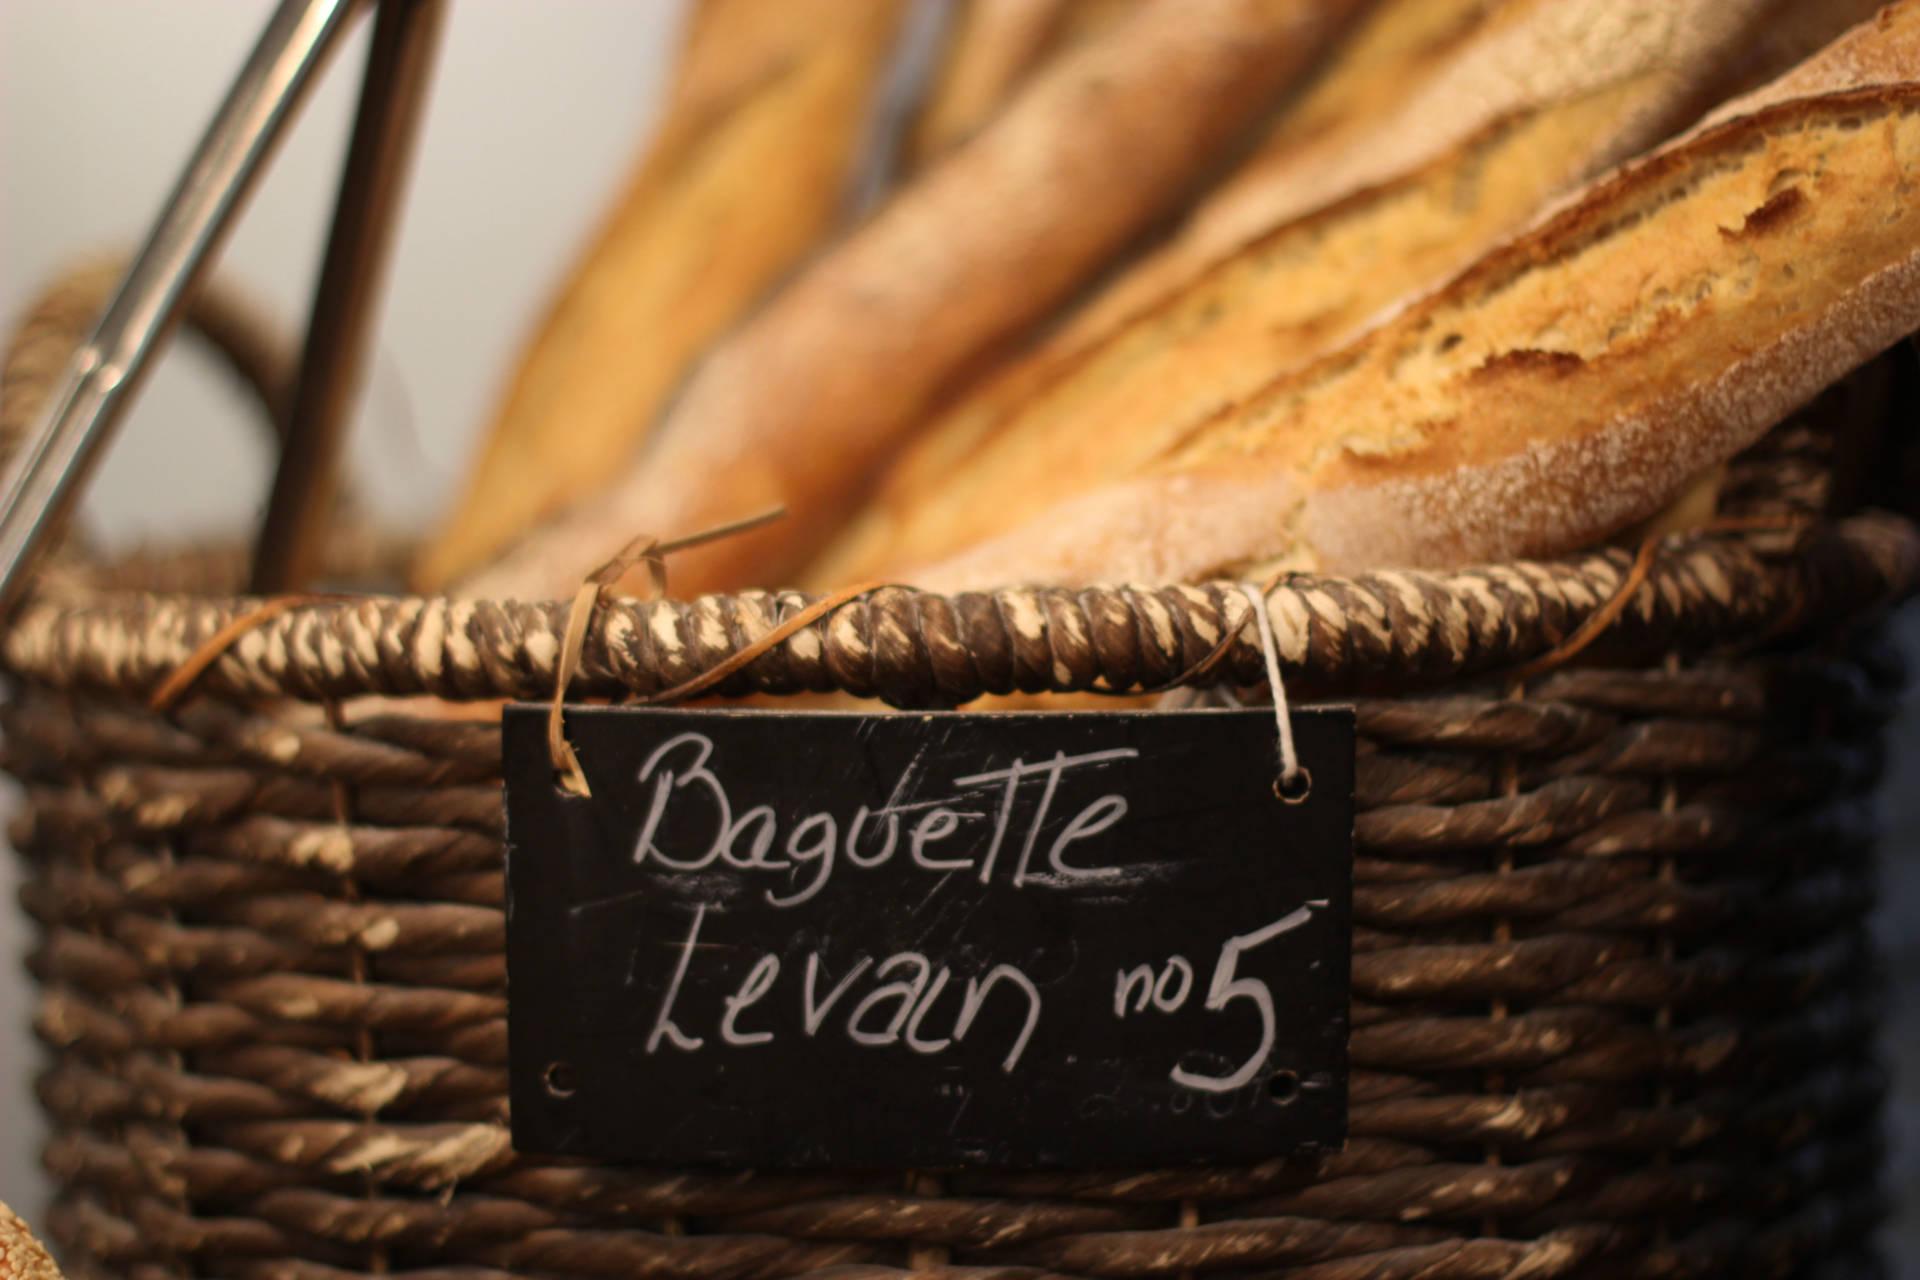 Baguette Levain no.5 | Boulangerie Levain no.5